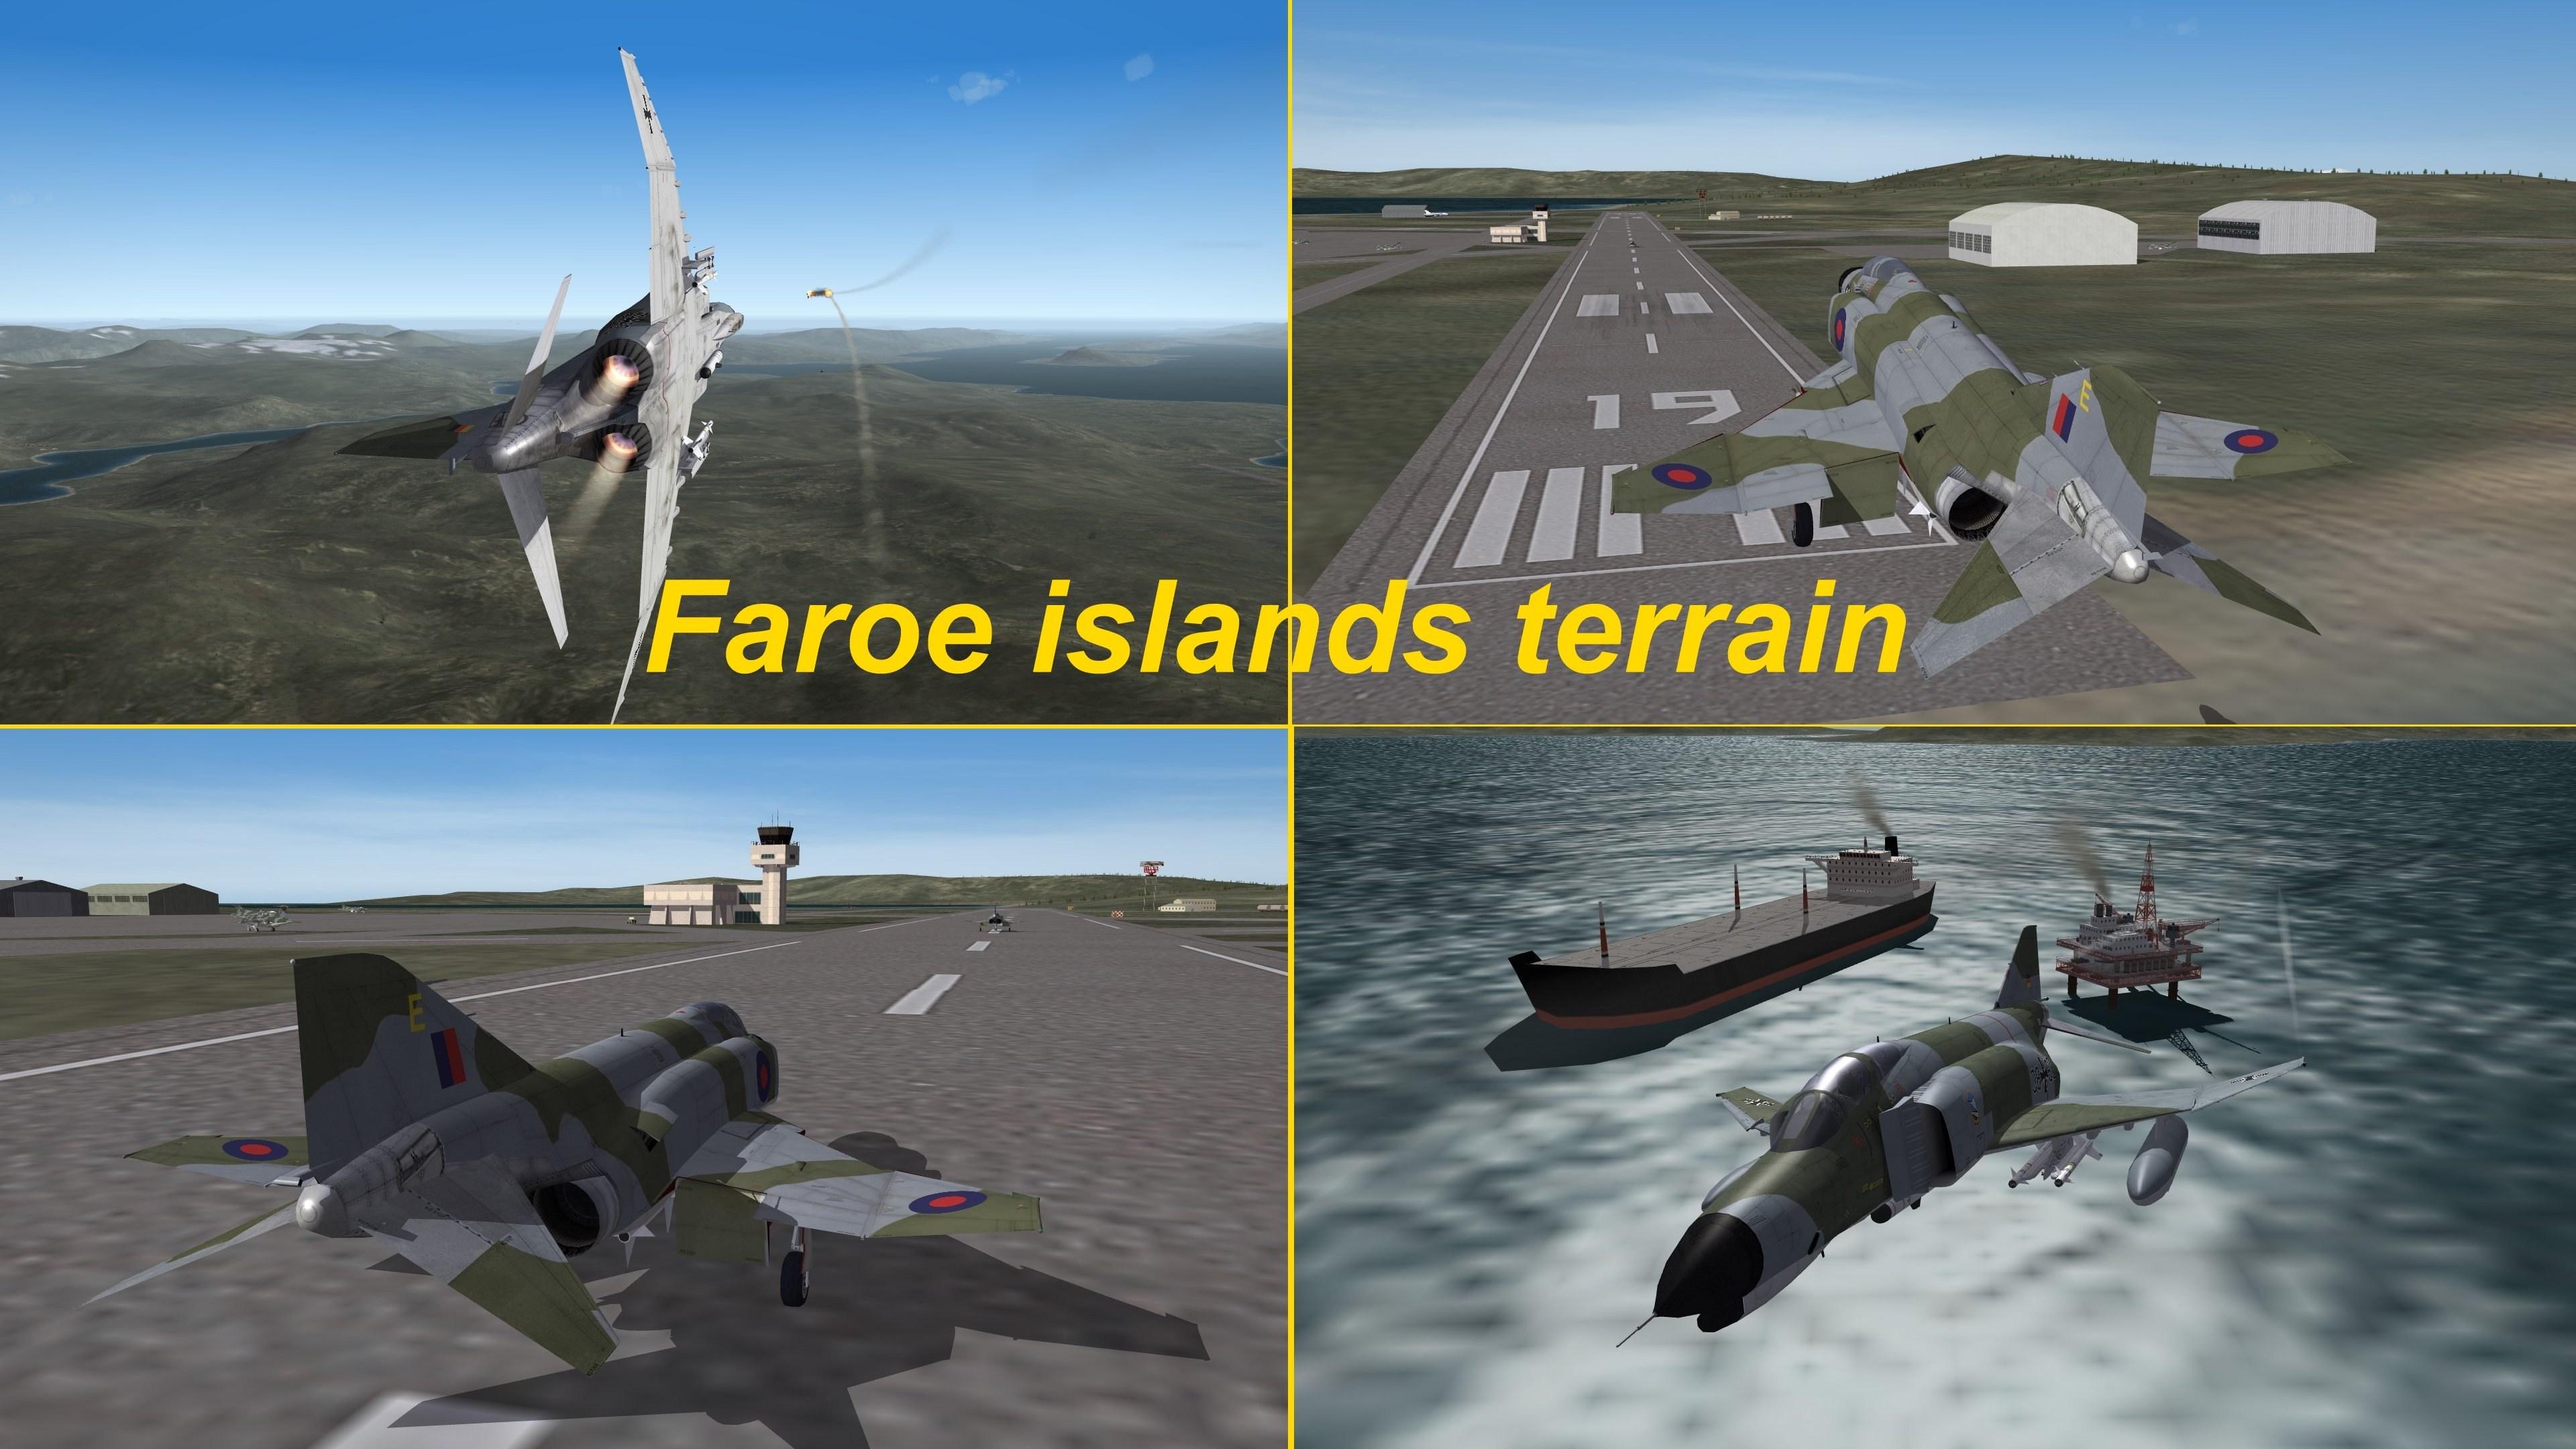 Faroe Islands terrain